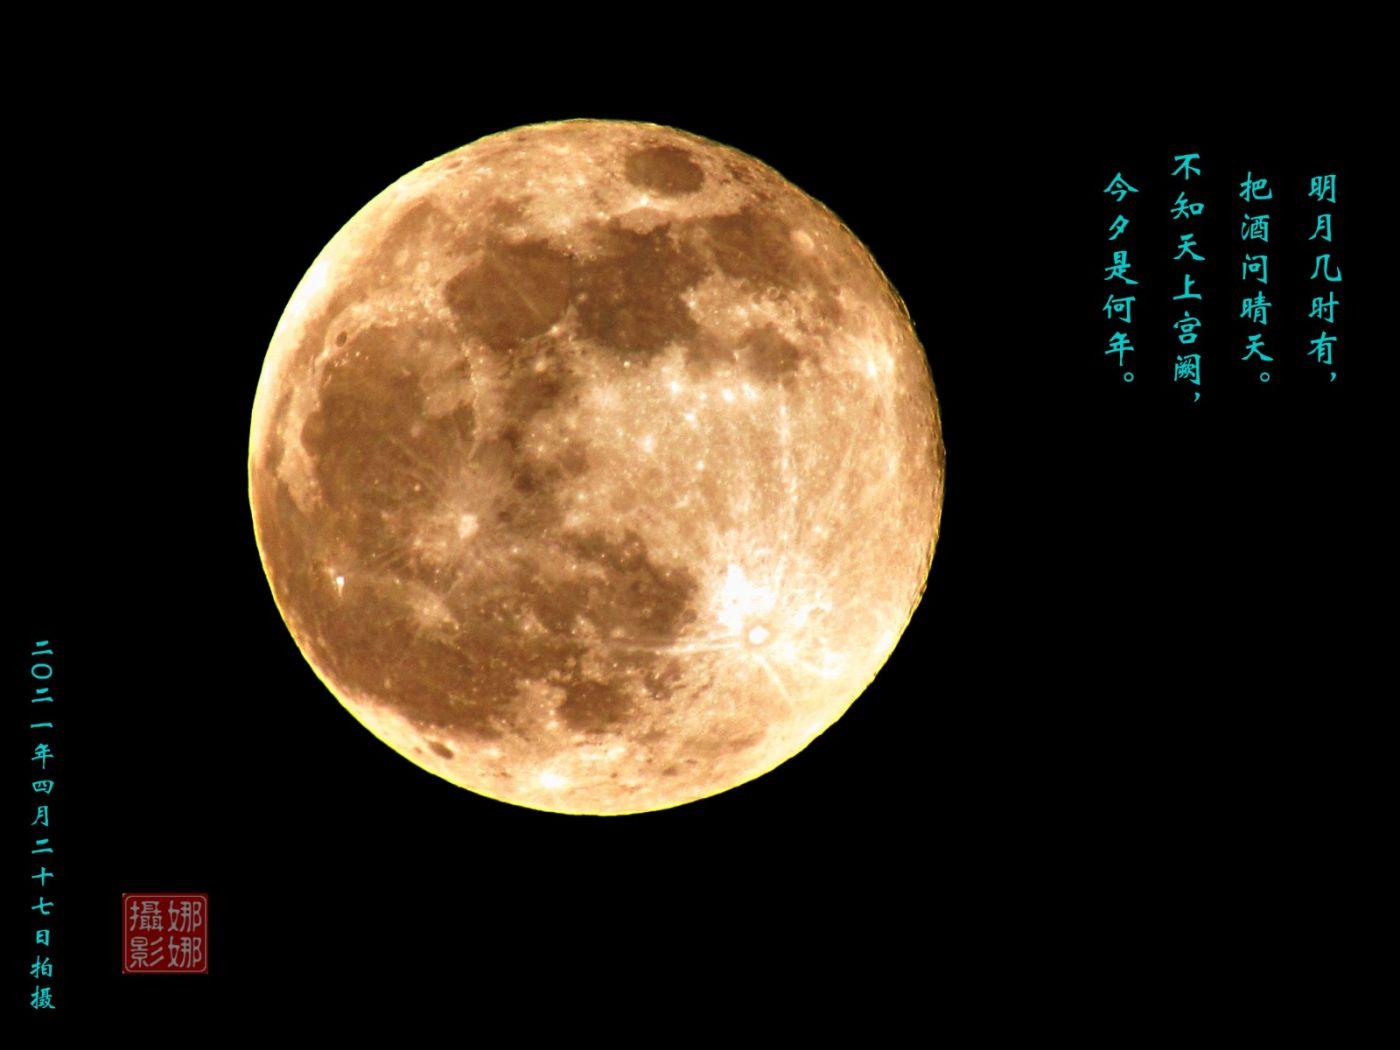 十五的月亮十六圆_图1-1